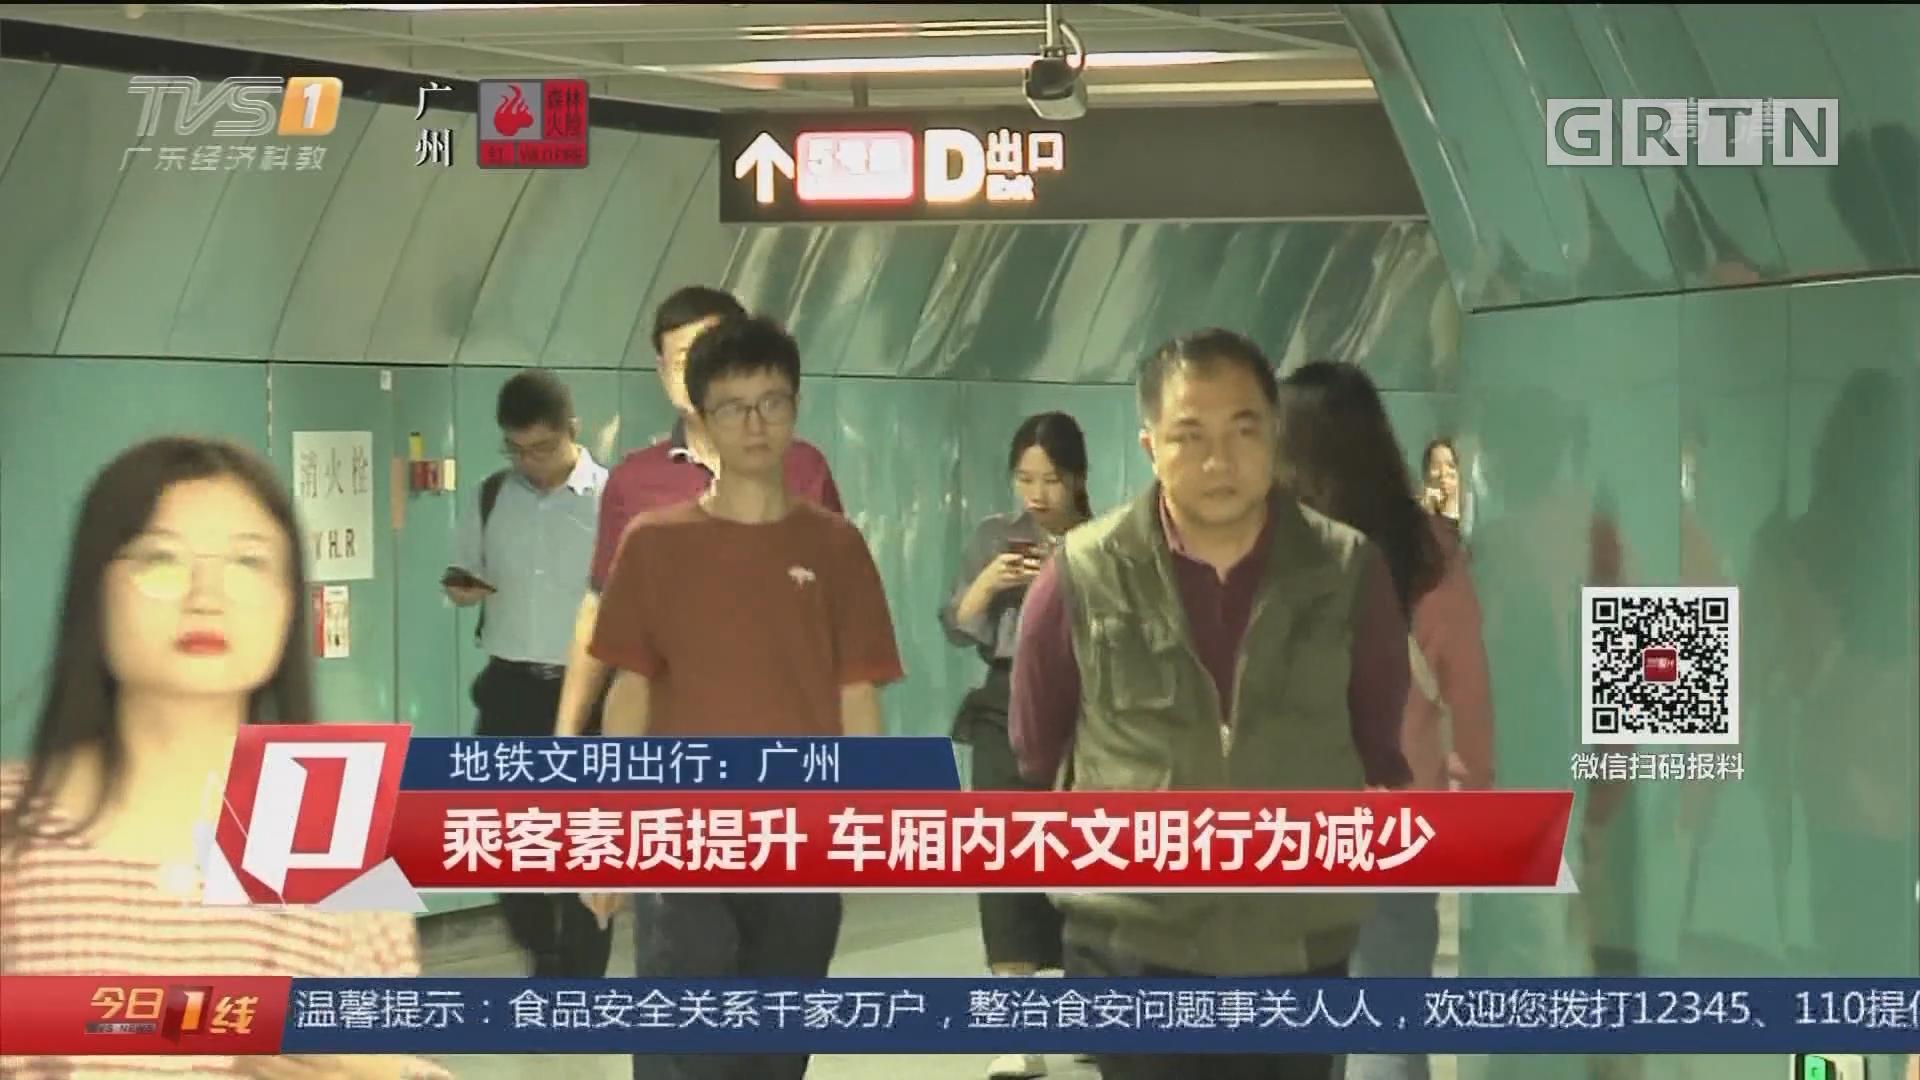 地铁文明出行:广州 乘客素质提升 车厢内不文明行为减少